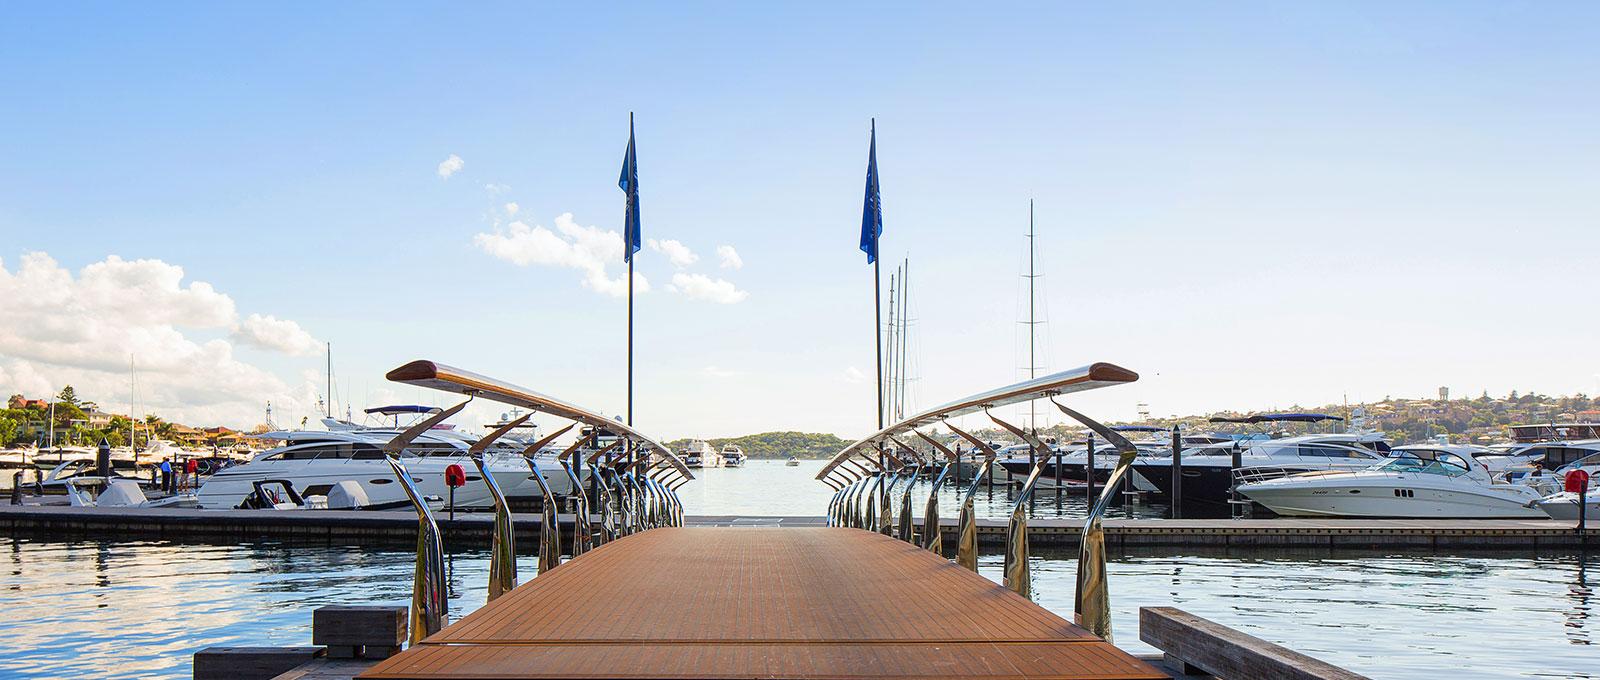 site web de la boutique bateaux bateaux de luxe yachts vendre dans la baie rose sydney. Black Bedroom Furniture Sets. Home Design Ideas